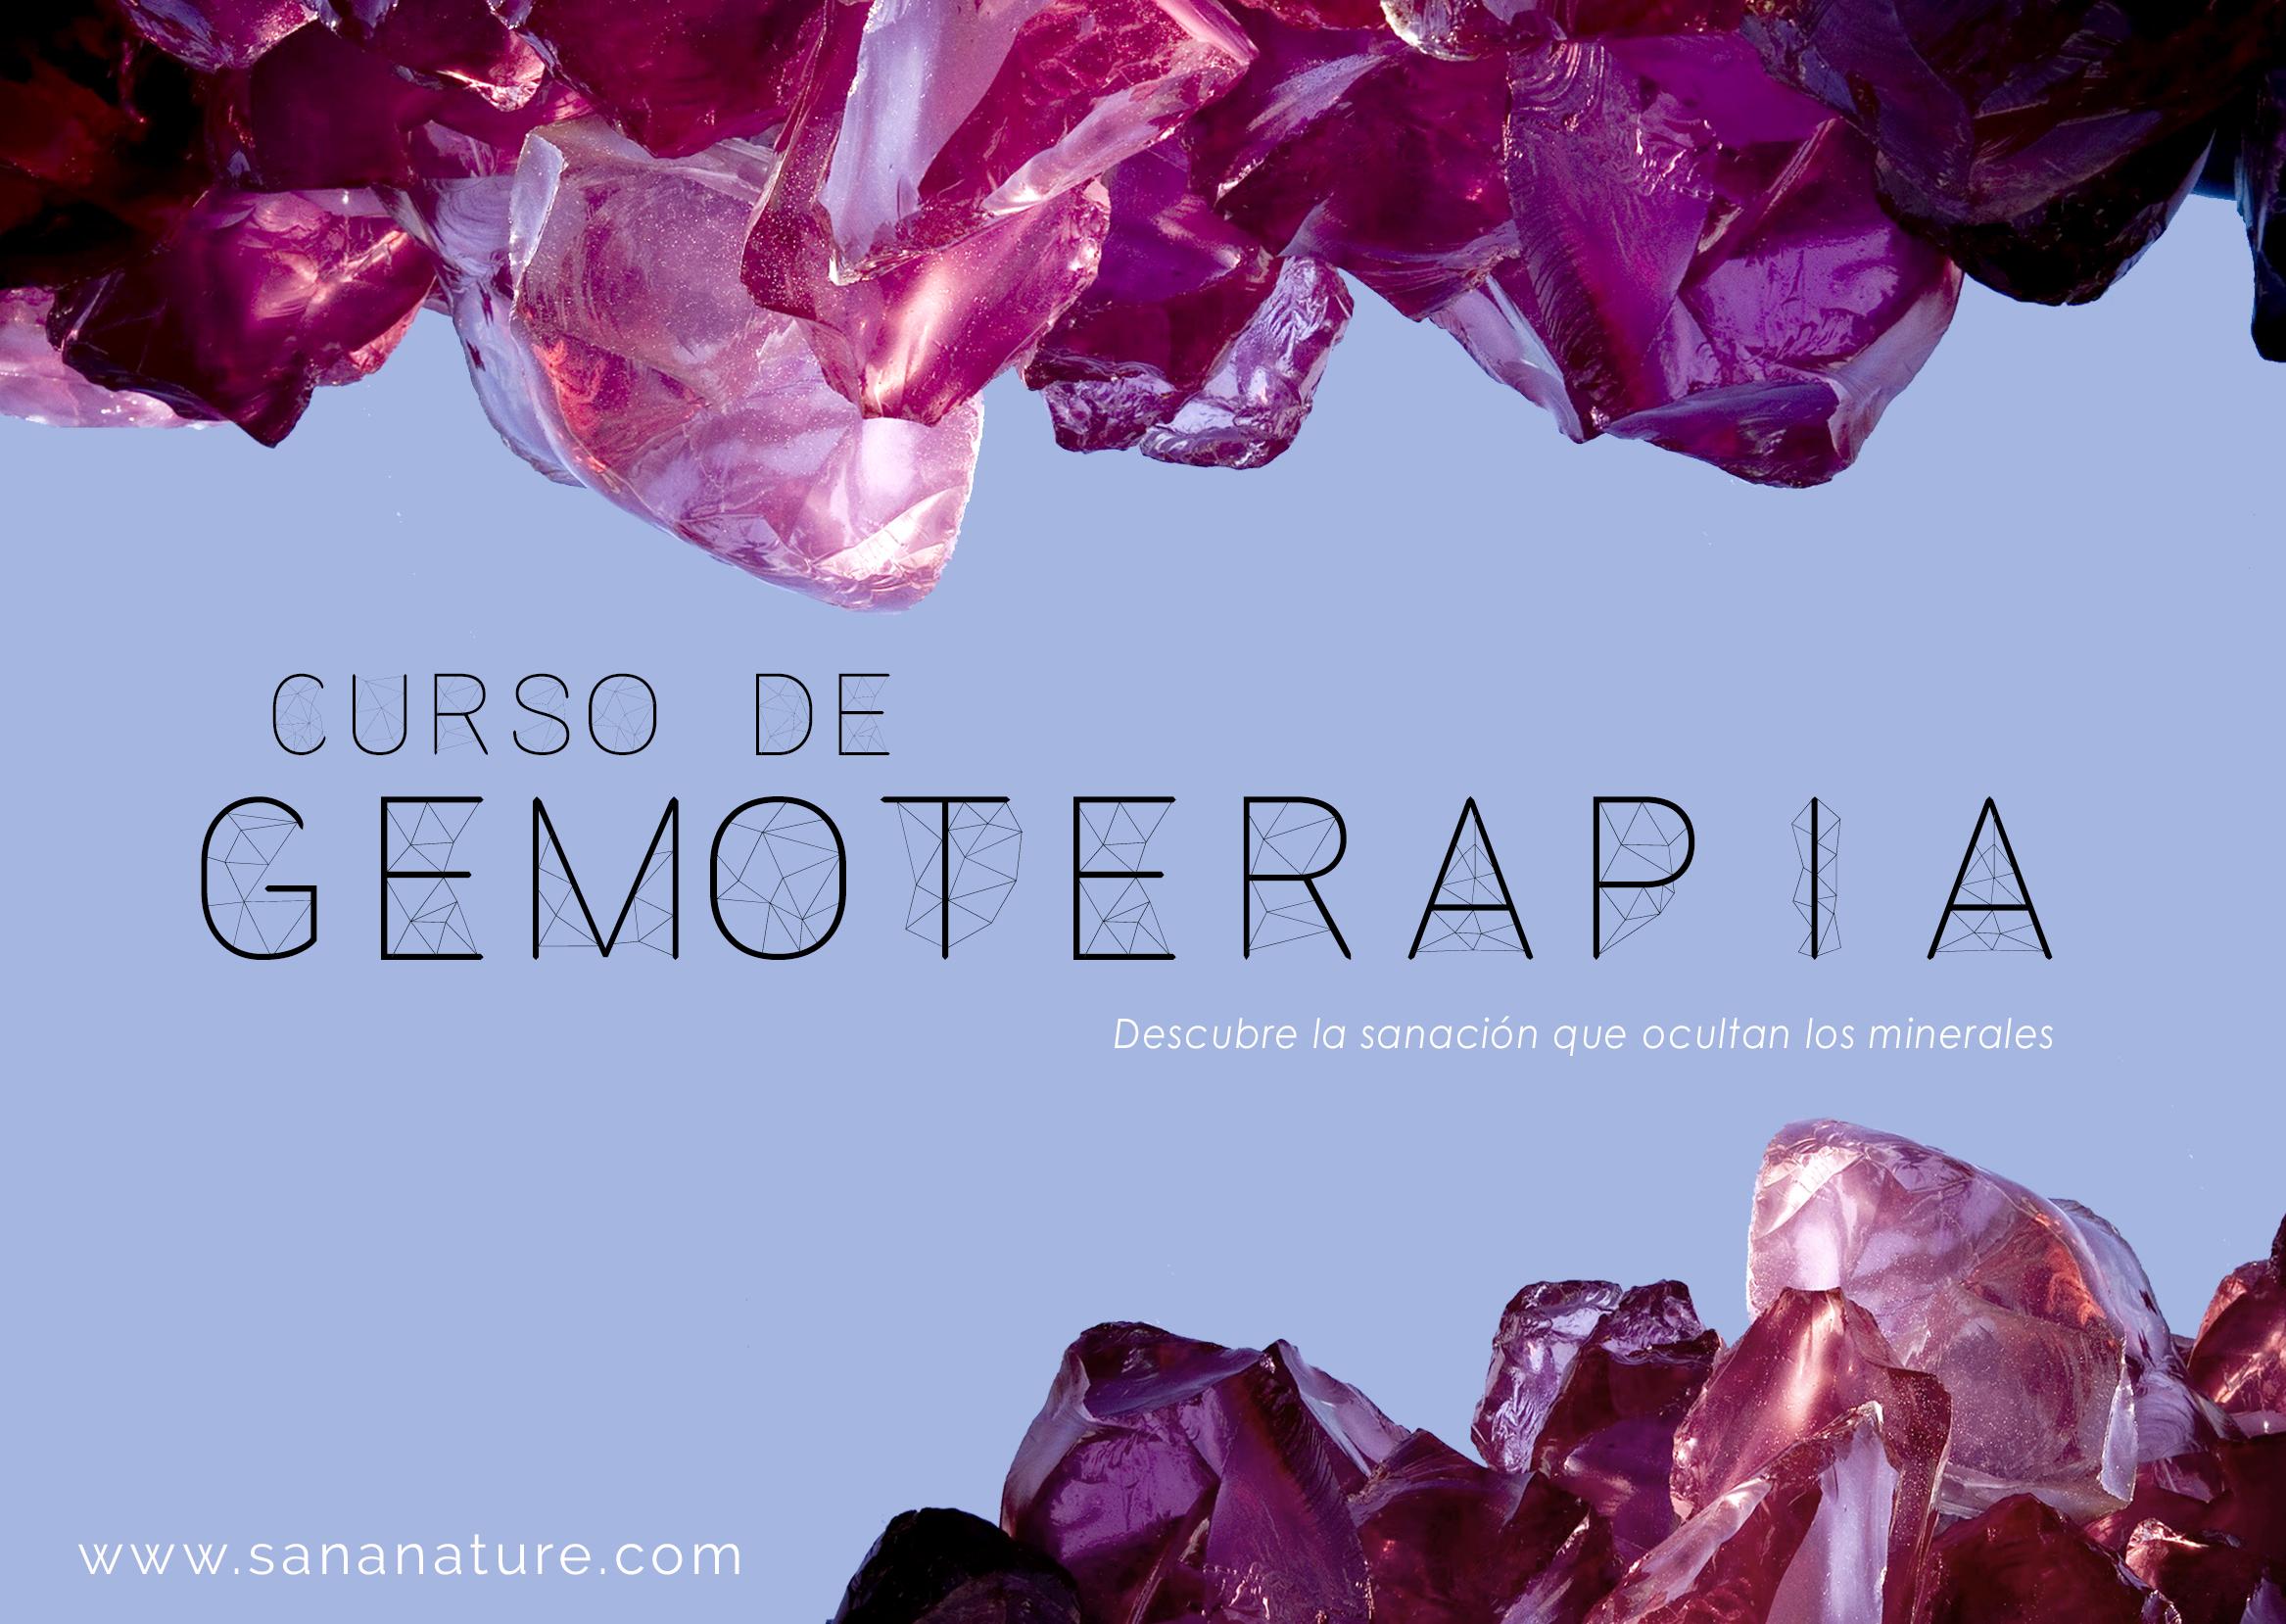 Cursos de Gemoterapia